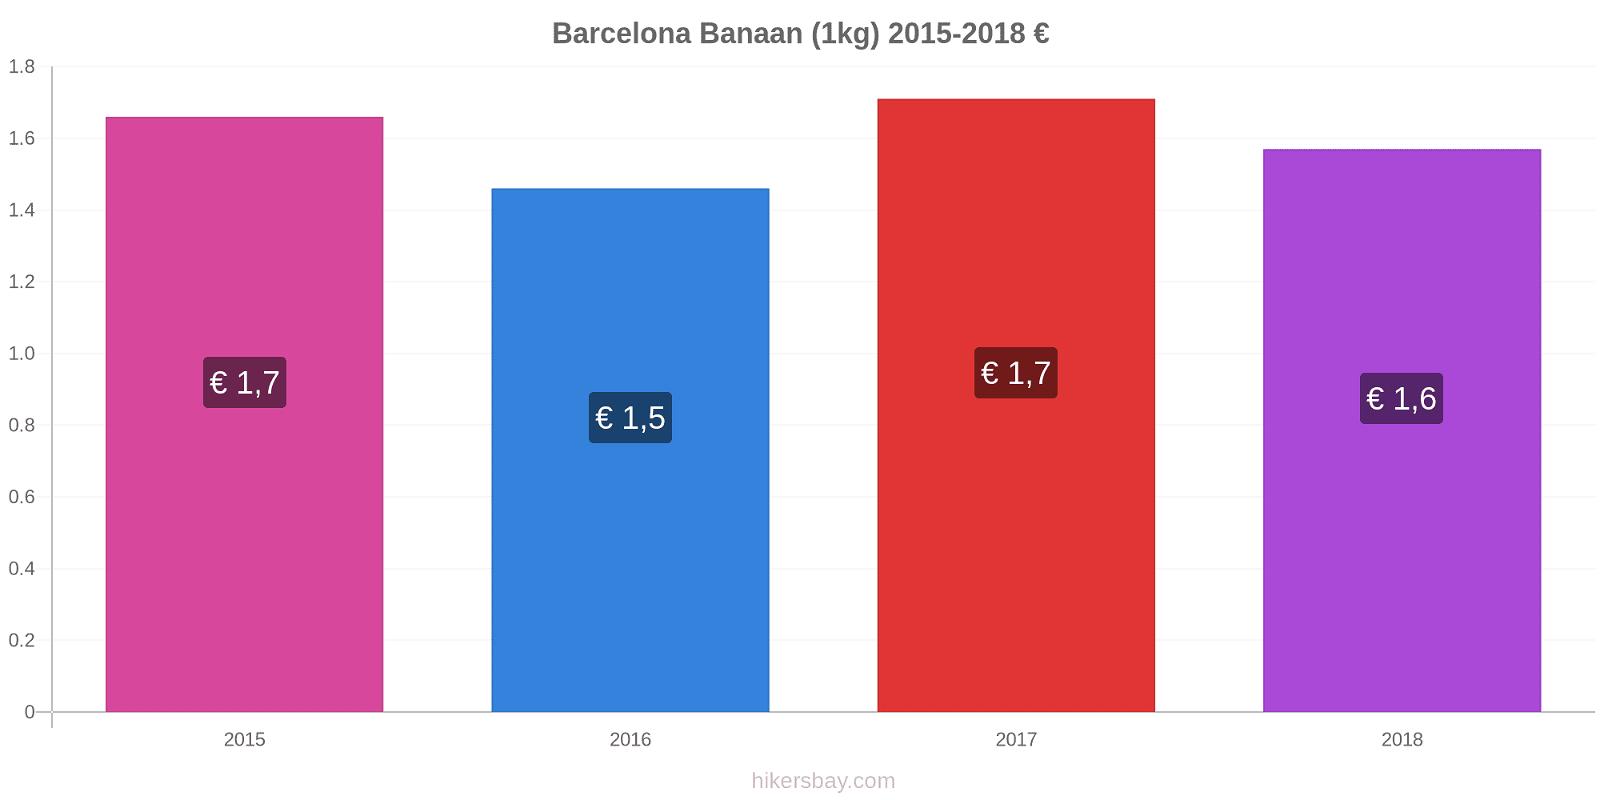 Barcelona prijswijzigingen Banaan (1kg) hikersbay.com